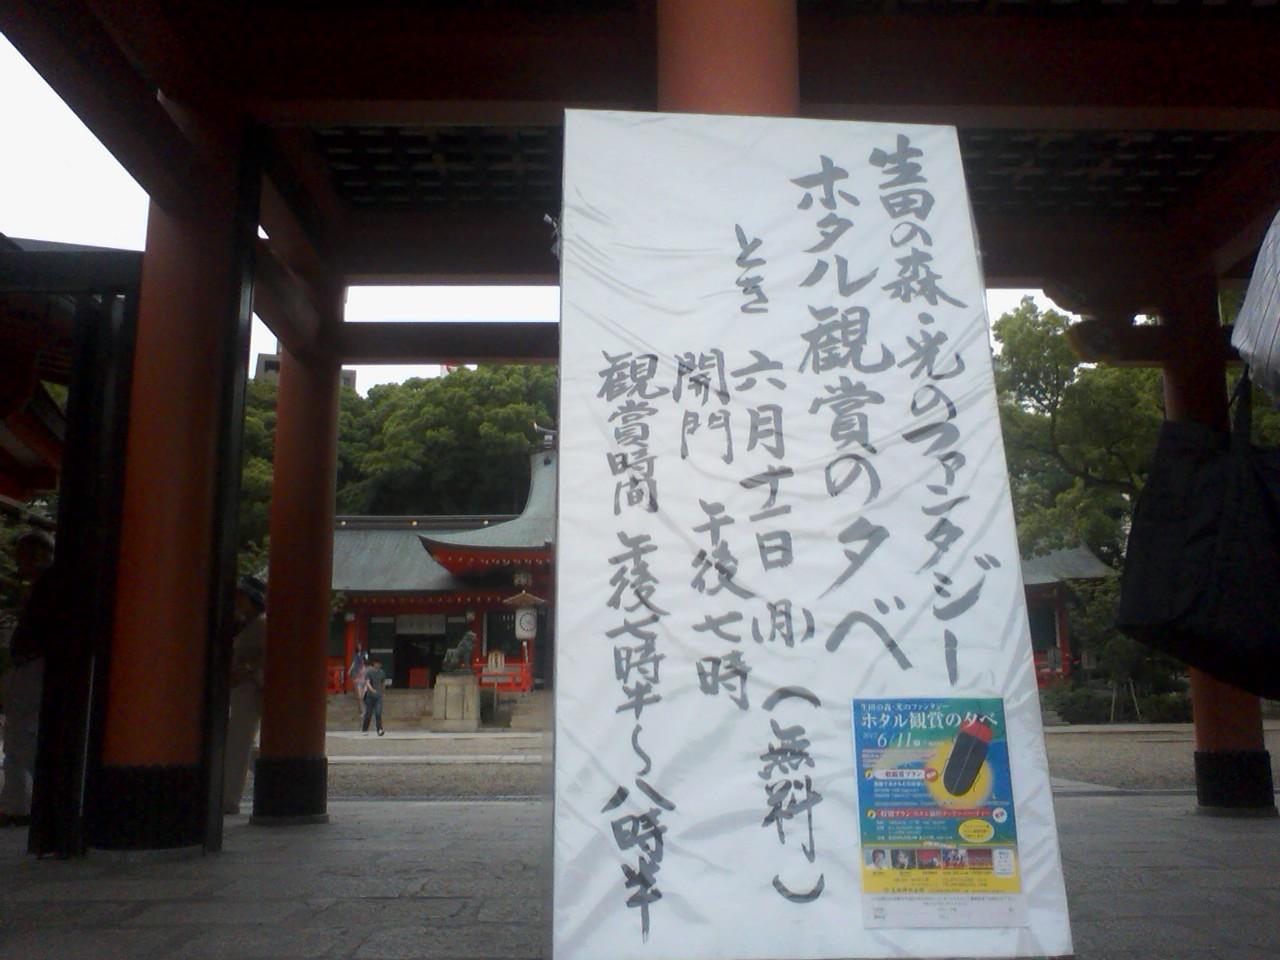 風さやかさんと生田神社さまにて、、、_a0088827_2313229.jpg